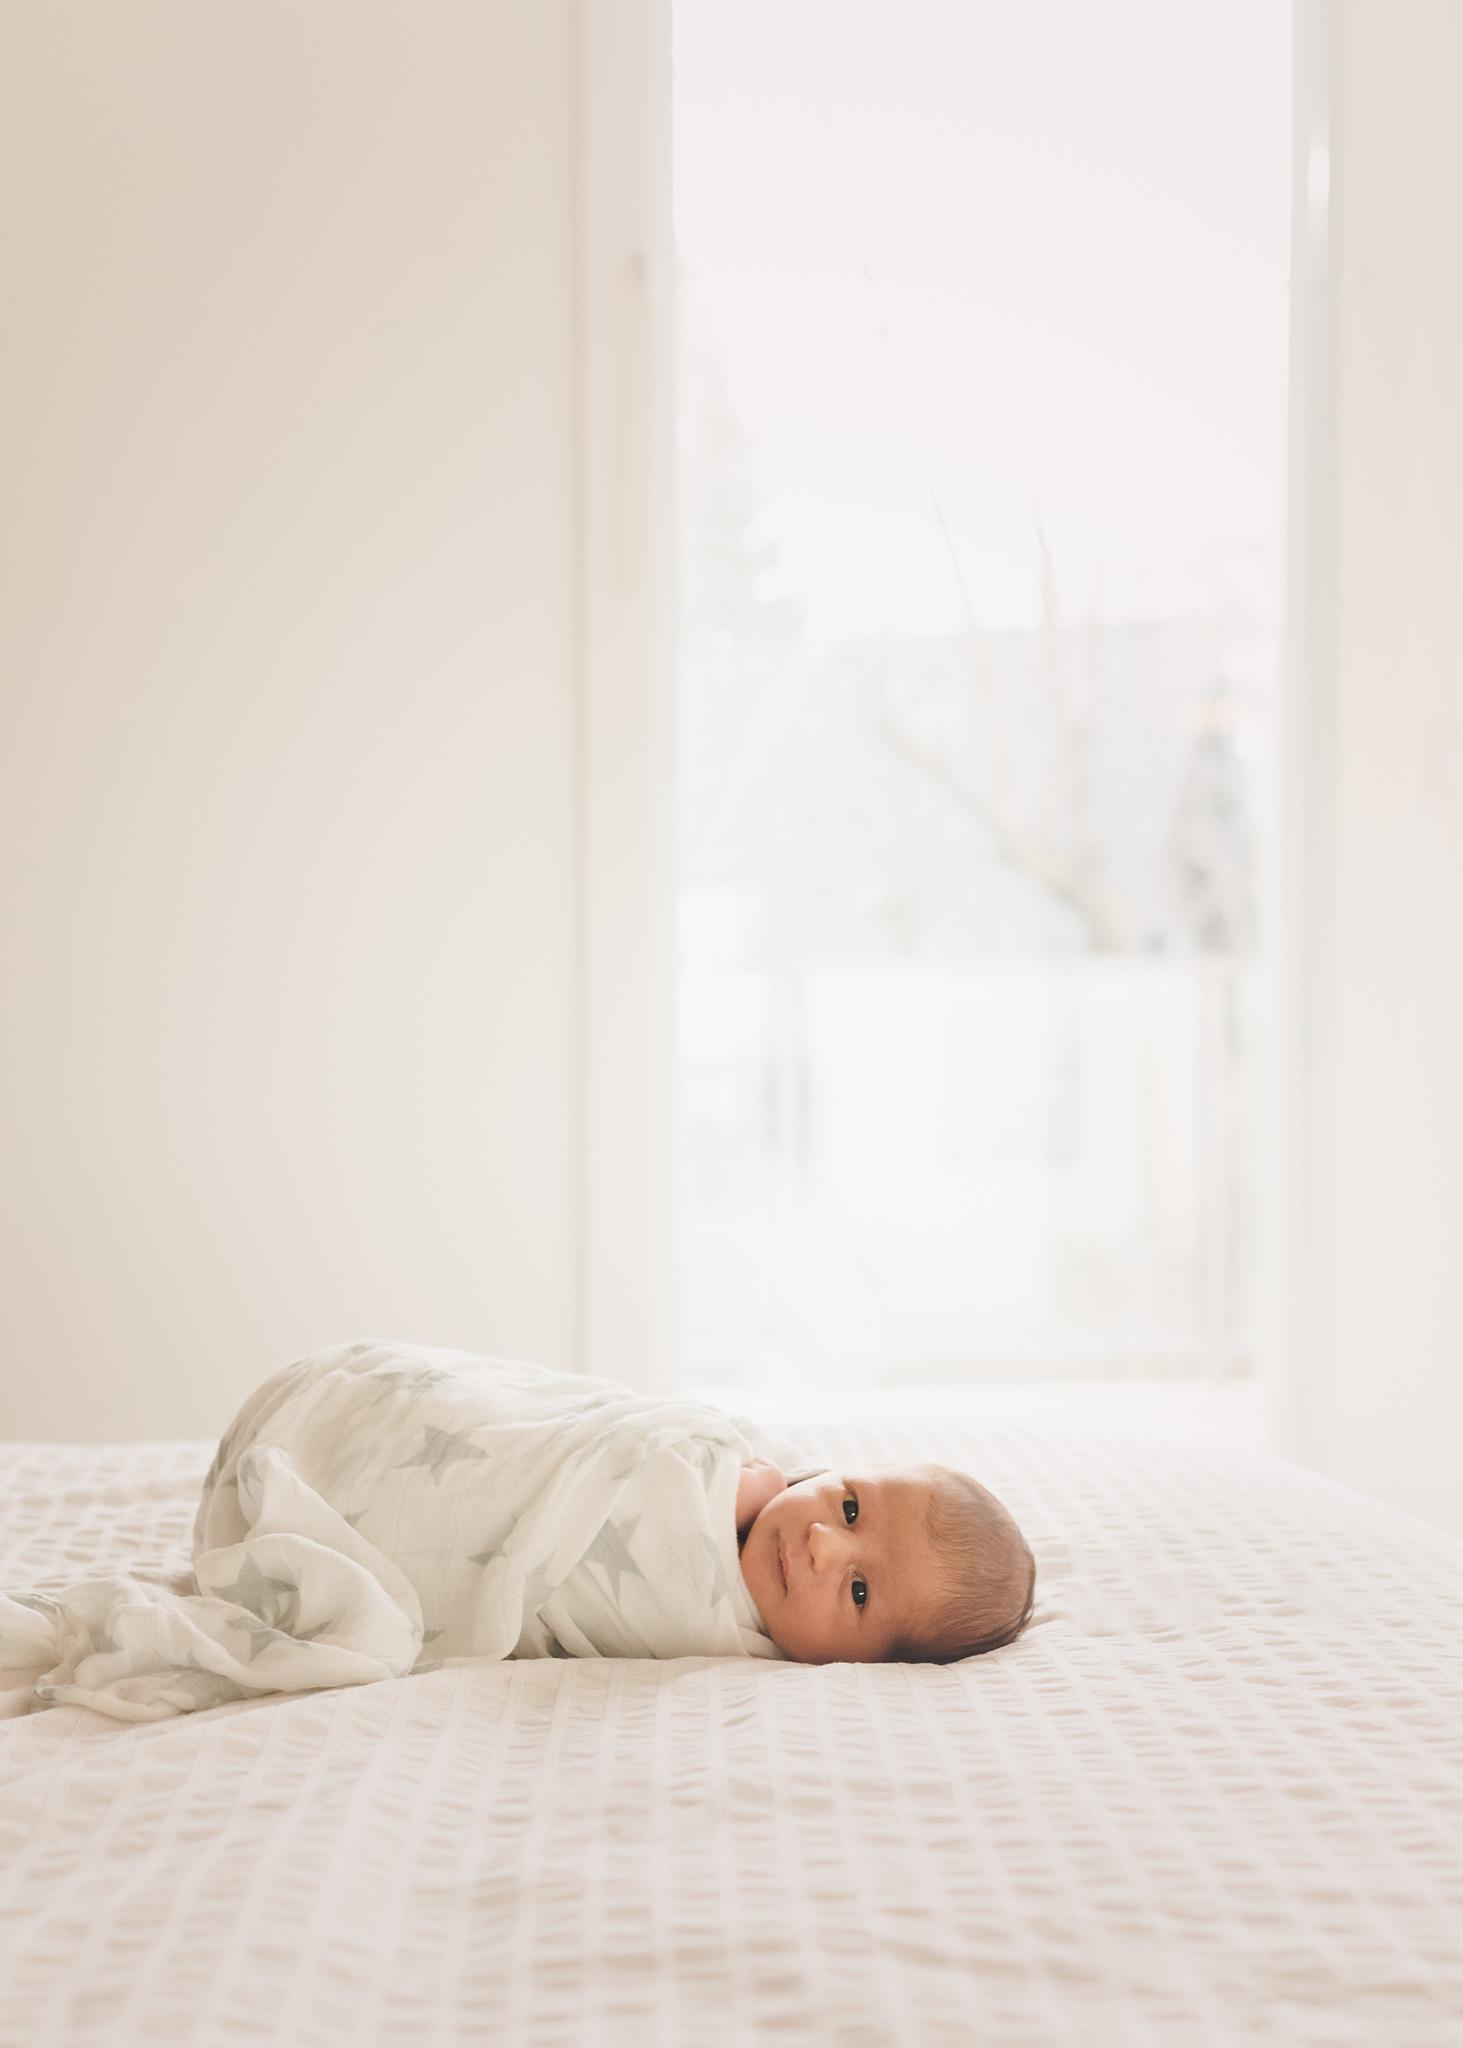 Edmonton Newborn Photographer_Baby Bennett SP 5.jpg